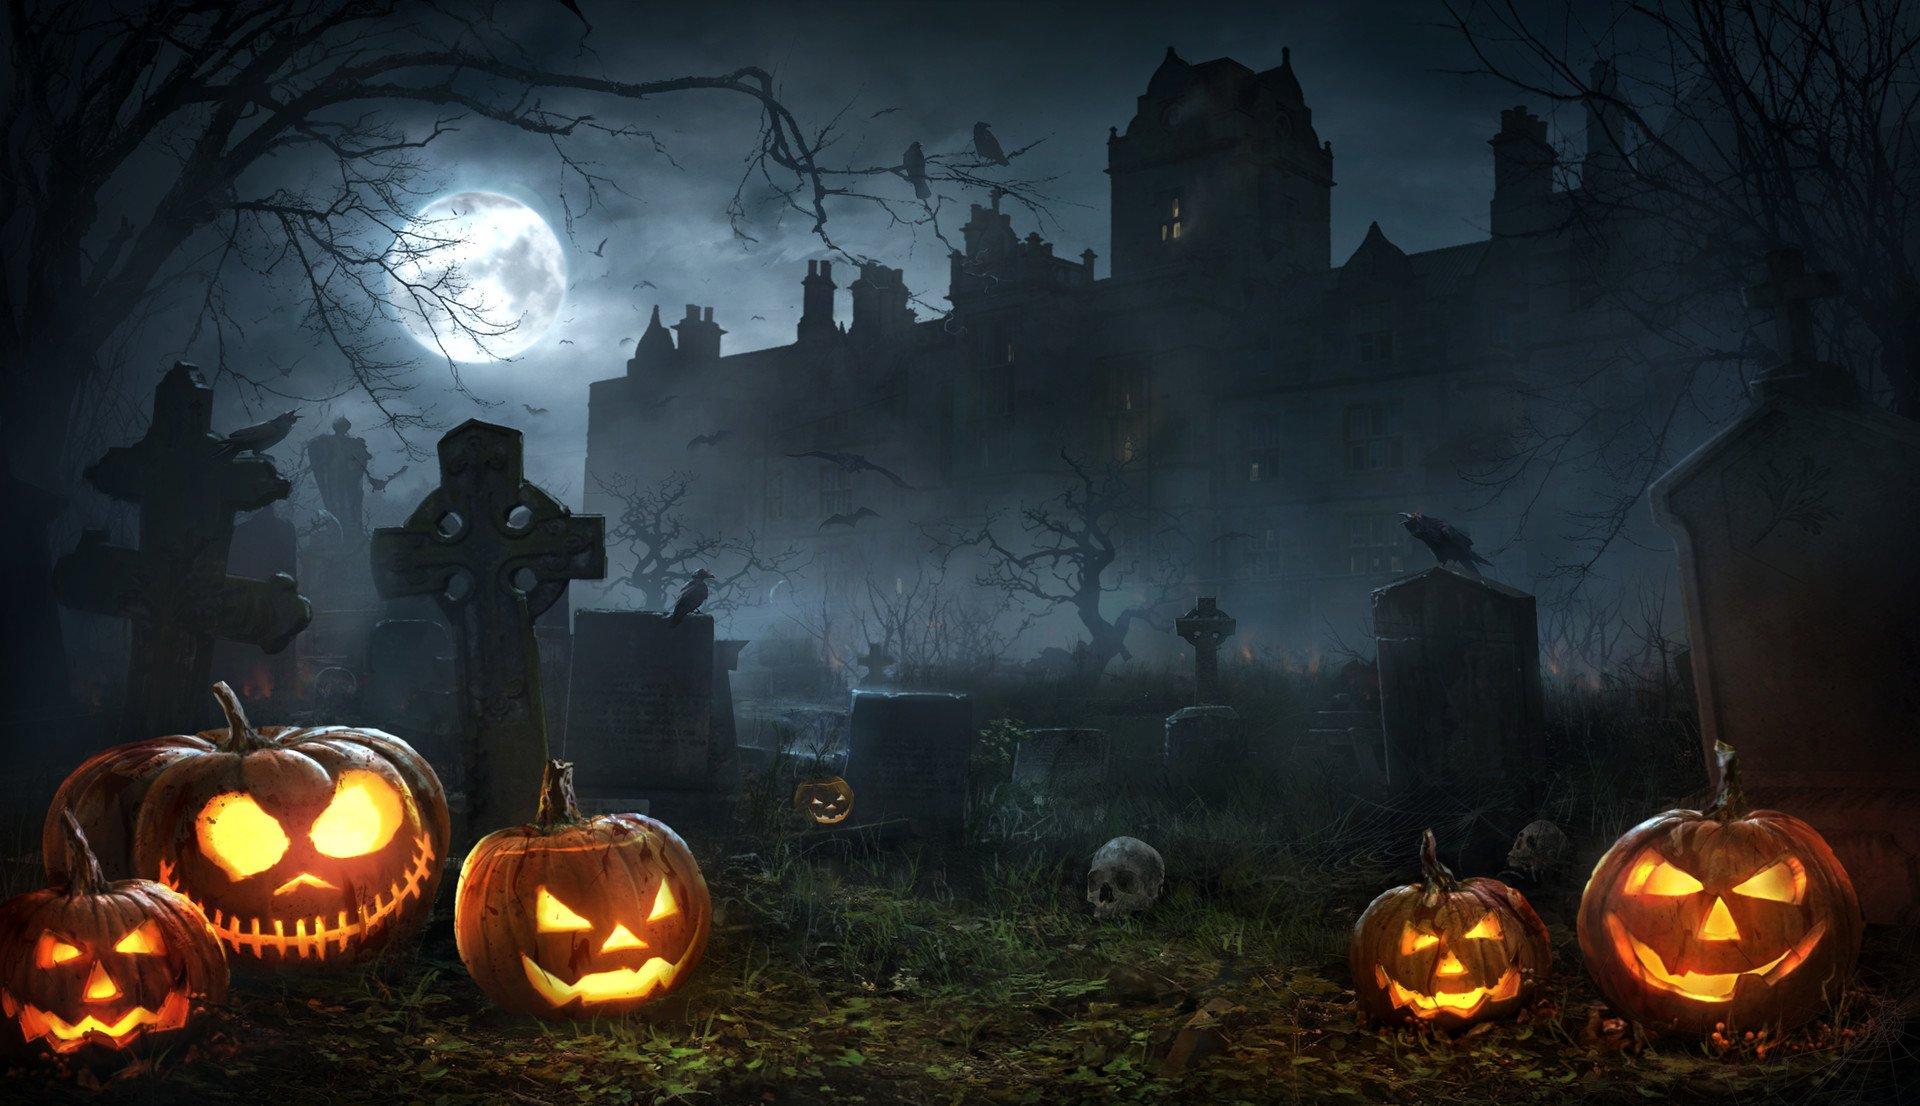 Halloween wallpapers hd-3